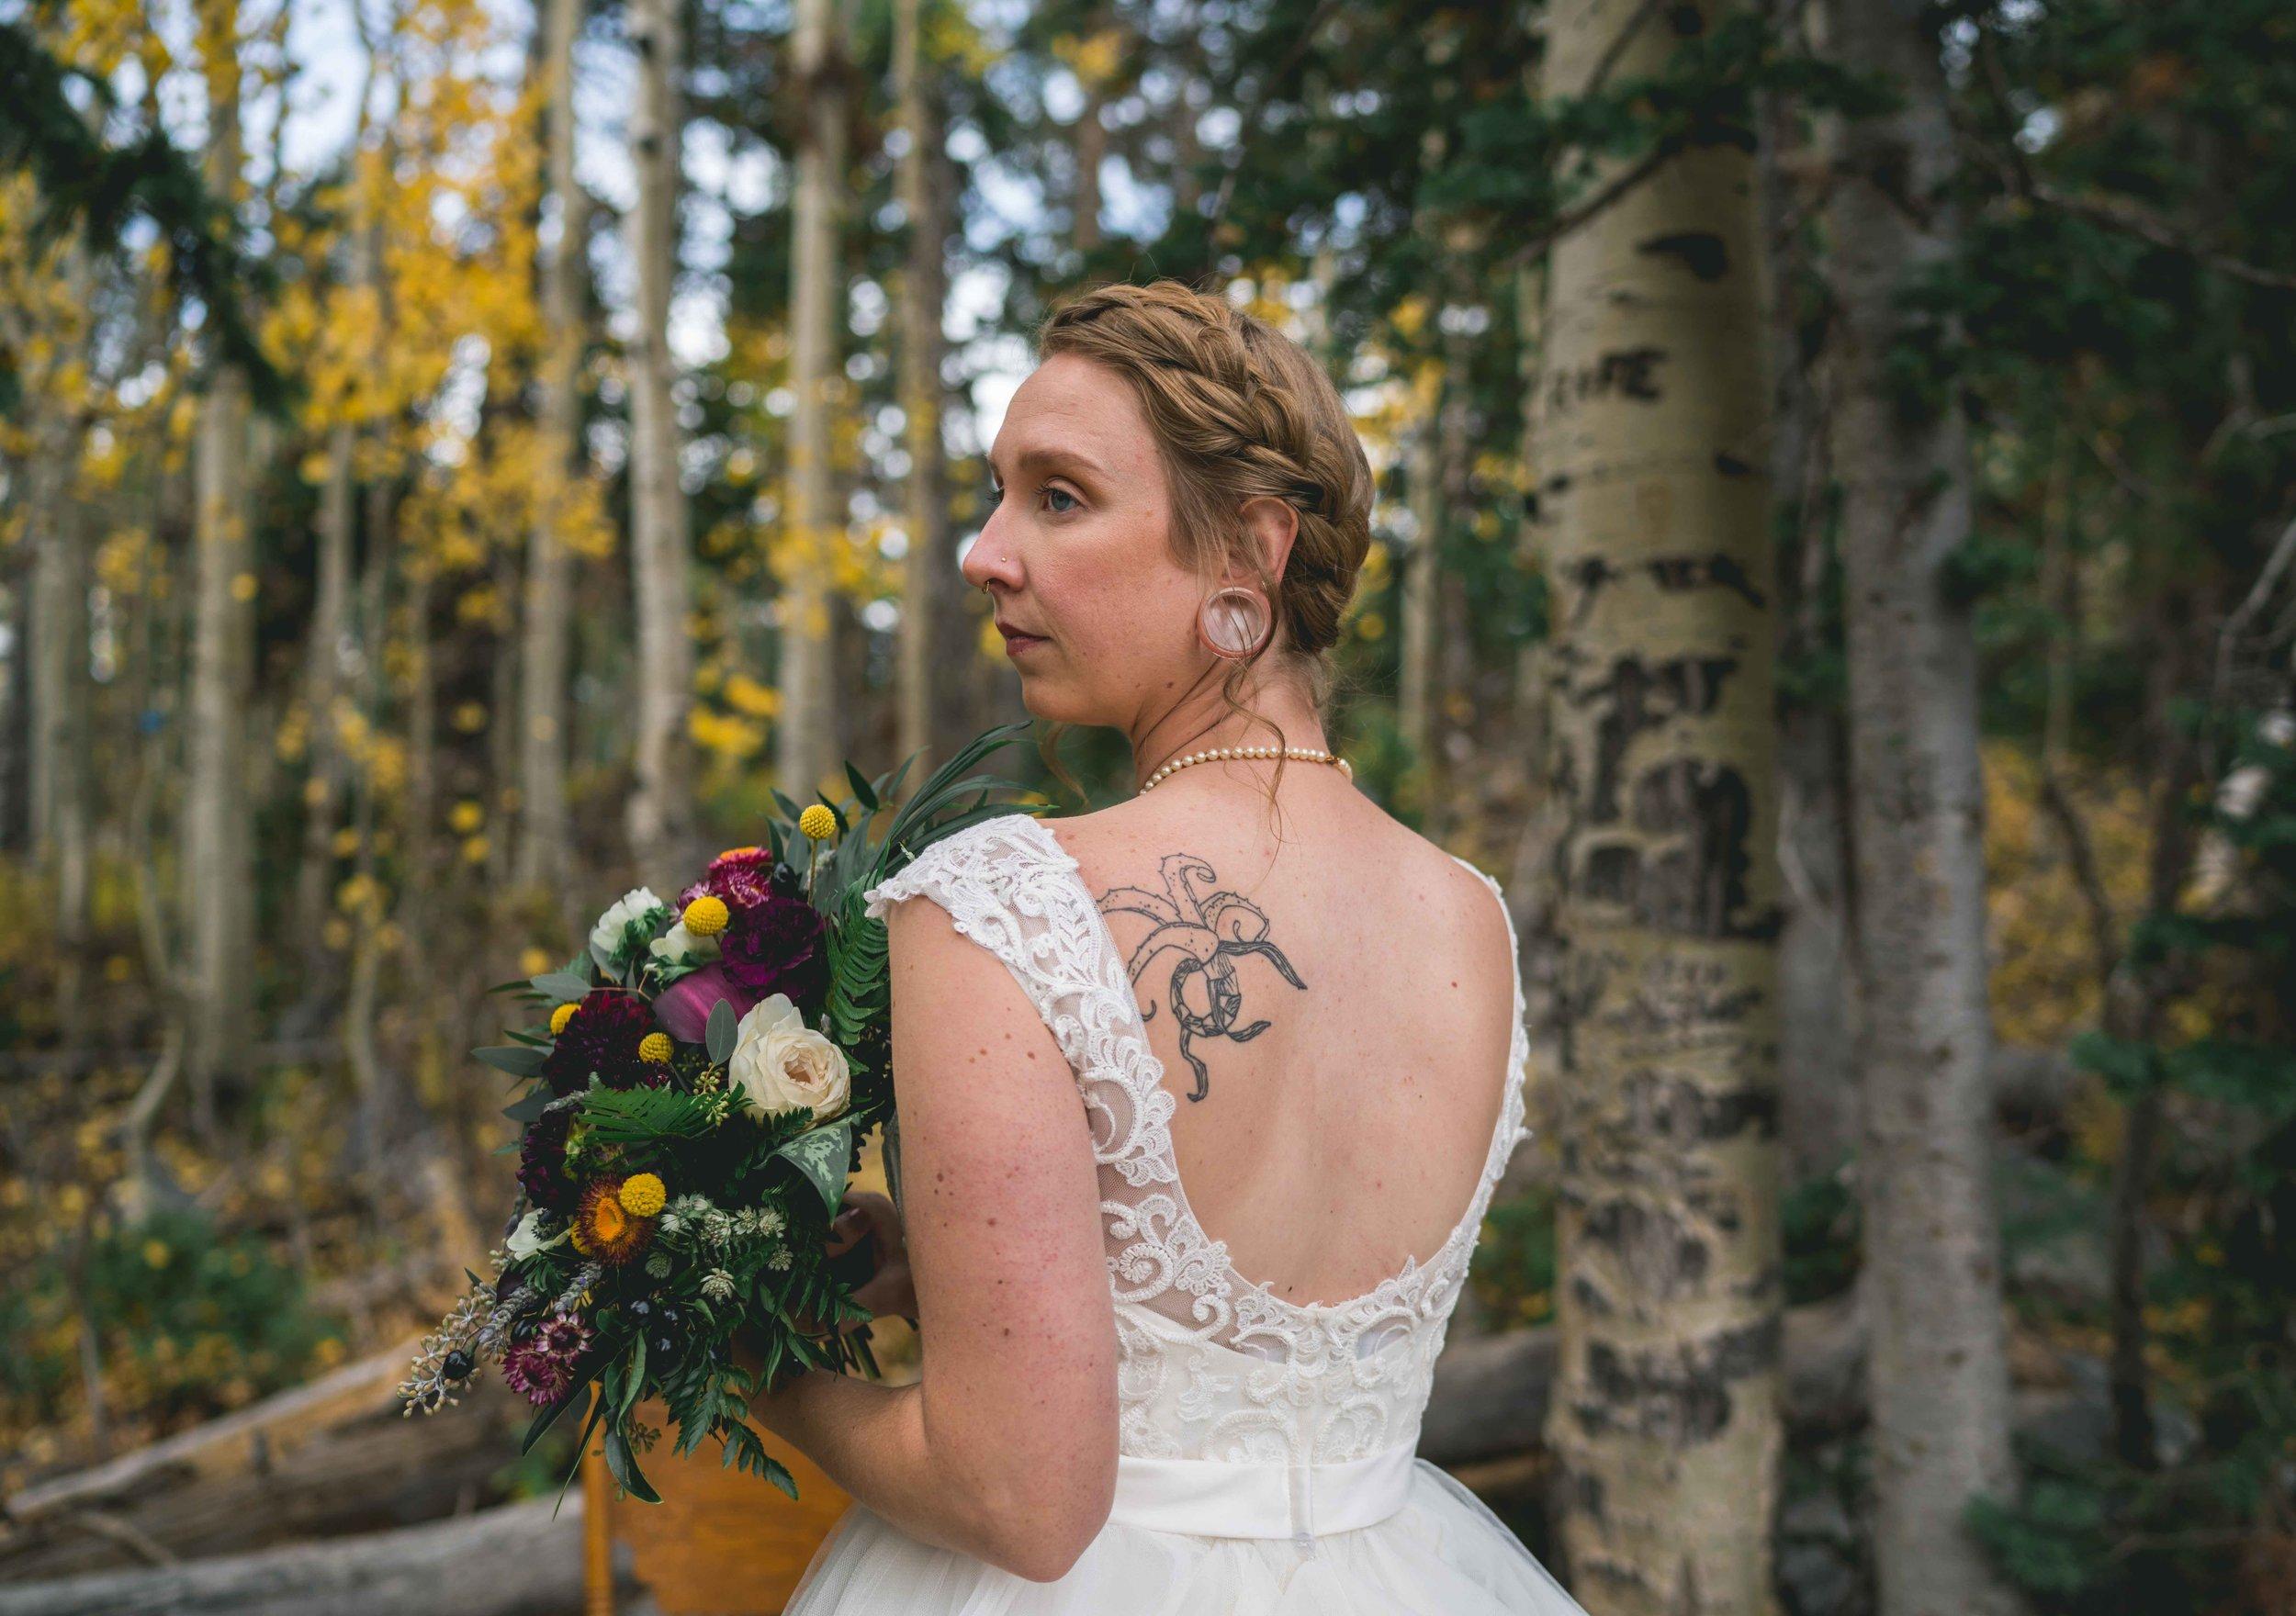 liz-bride (3 of 10).jpg